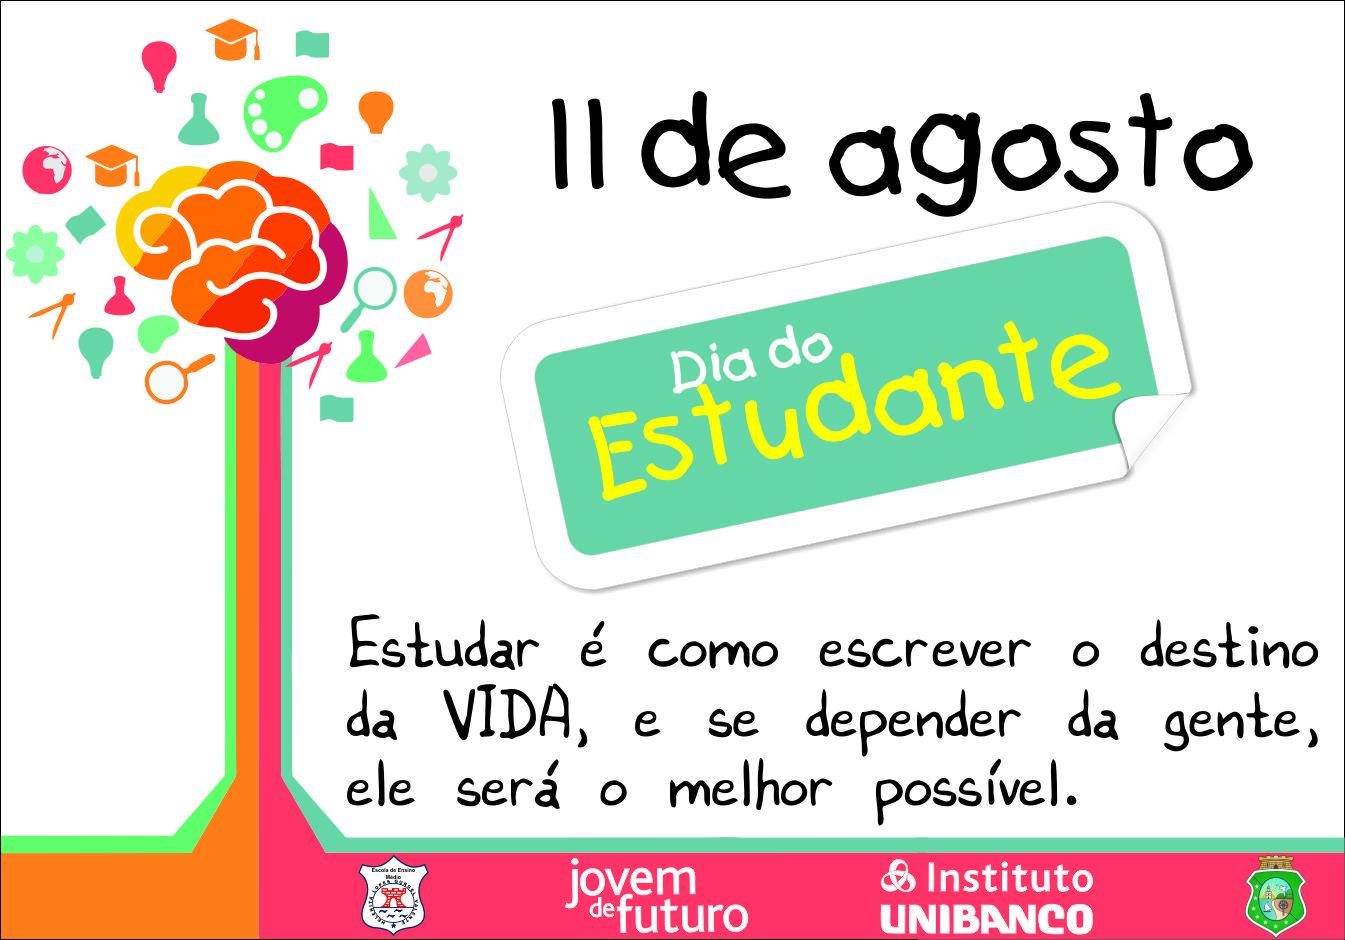 Colégio 11 De Agosto Dia Do Estudante: RÁDIO COMUNITÁRIA DE CAMPO REDONDO: HOMENAGEM ESPECIAL DA